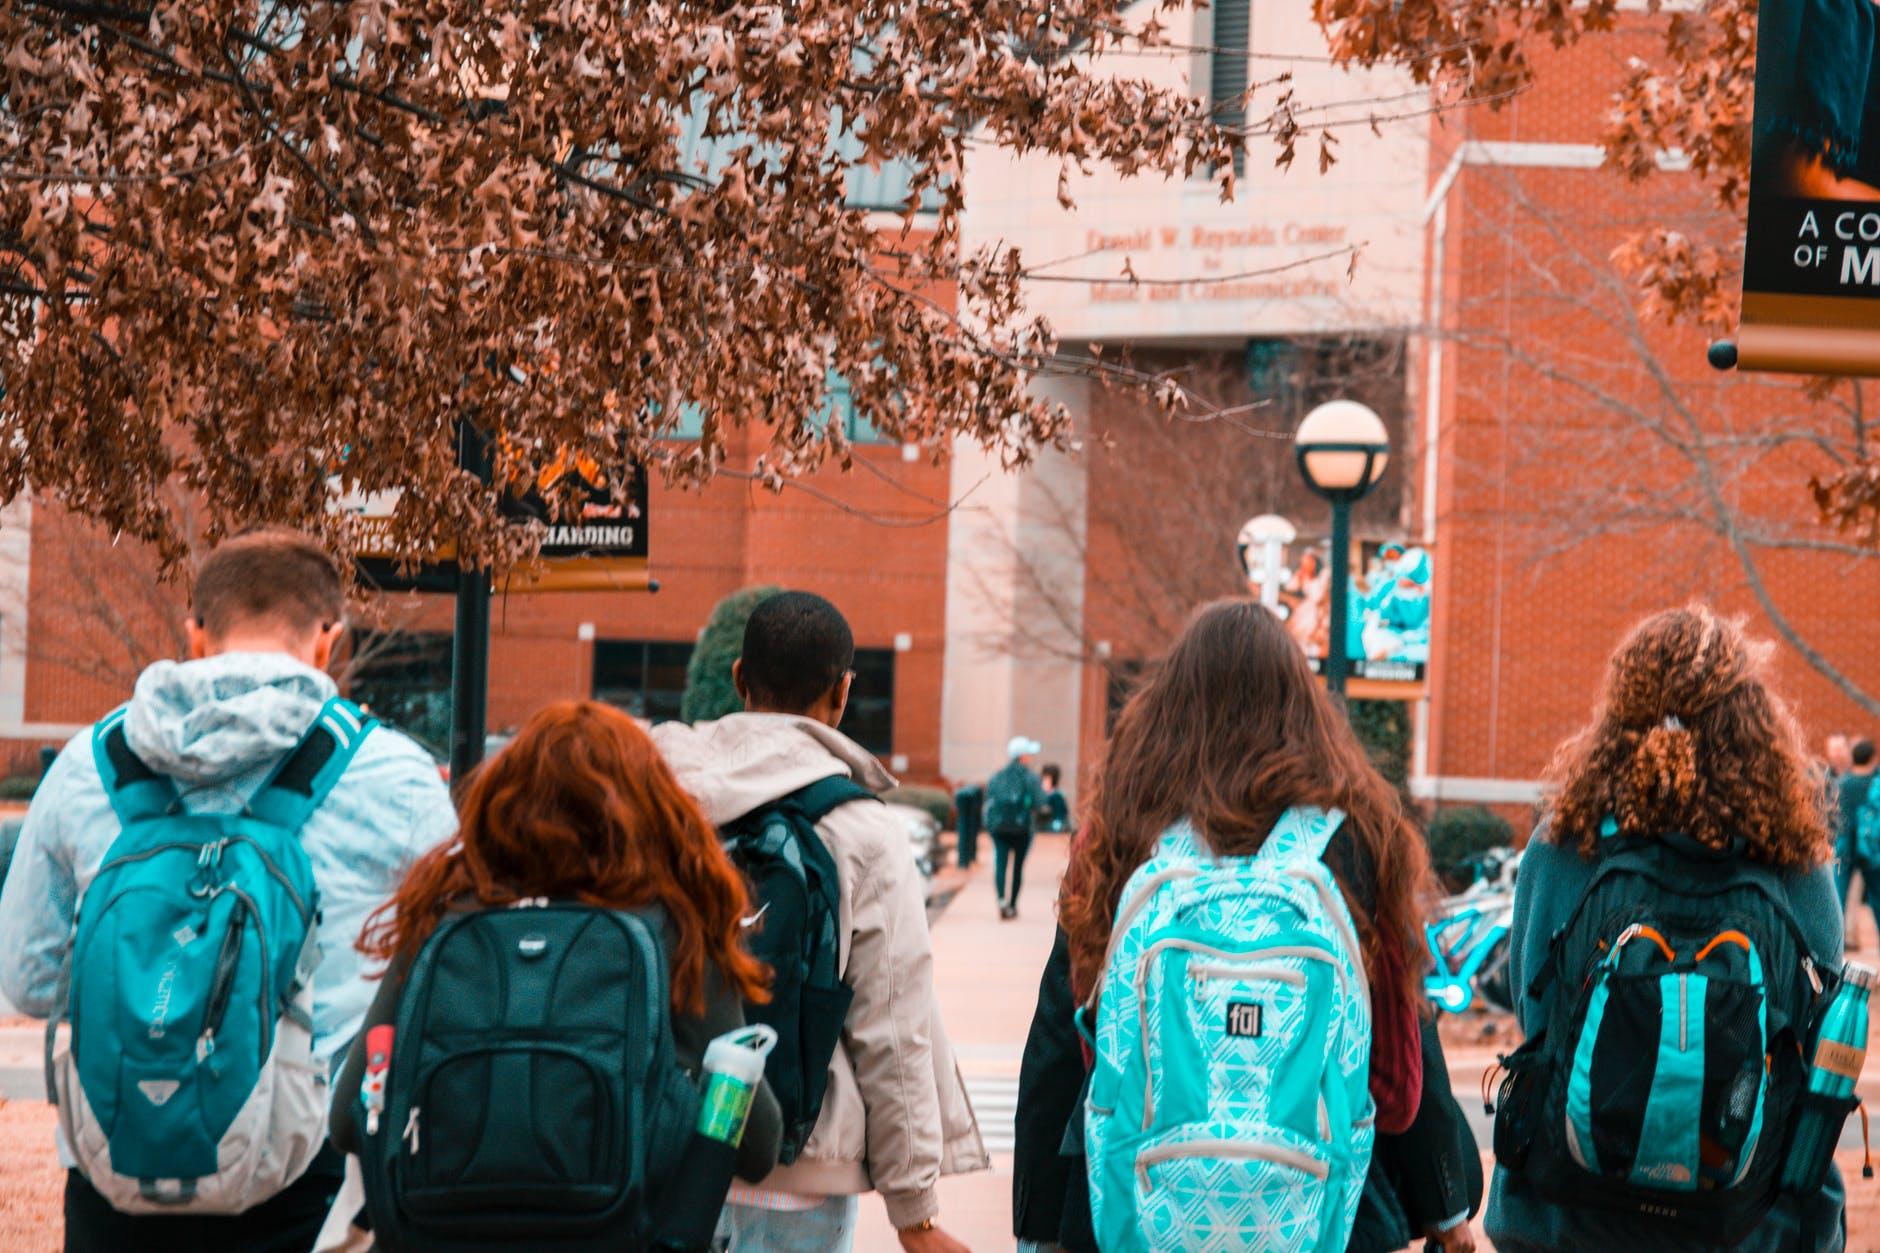 people wearing backpacks